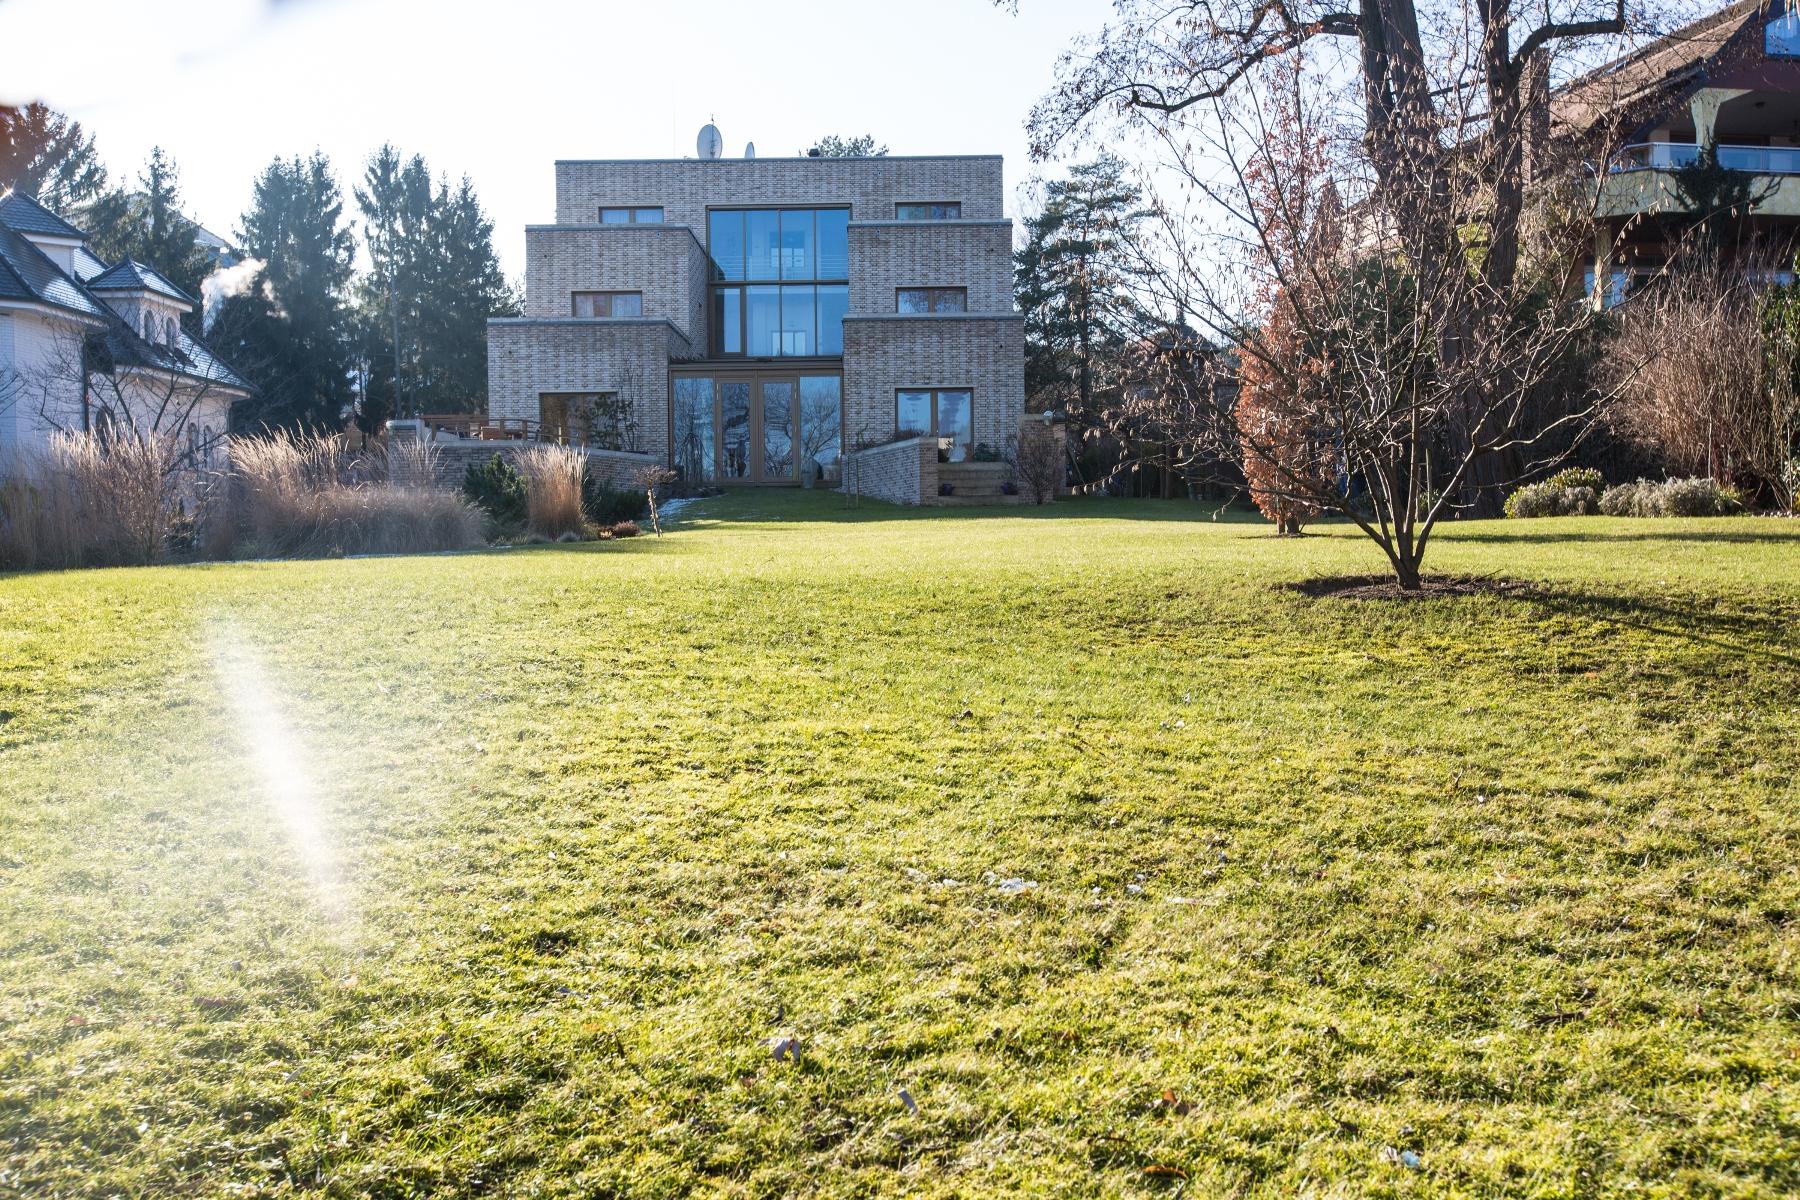 独户住宅 为 销售 在 Modern villa of extra class at the Krampnitzsee ! 波茨坦, 勃兰登堡, 14476 德国